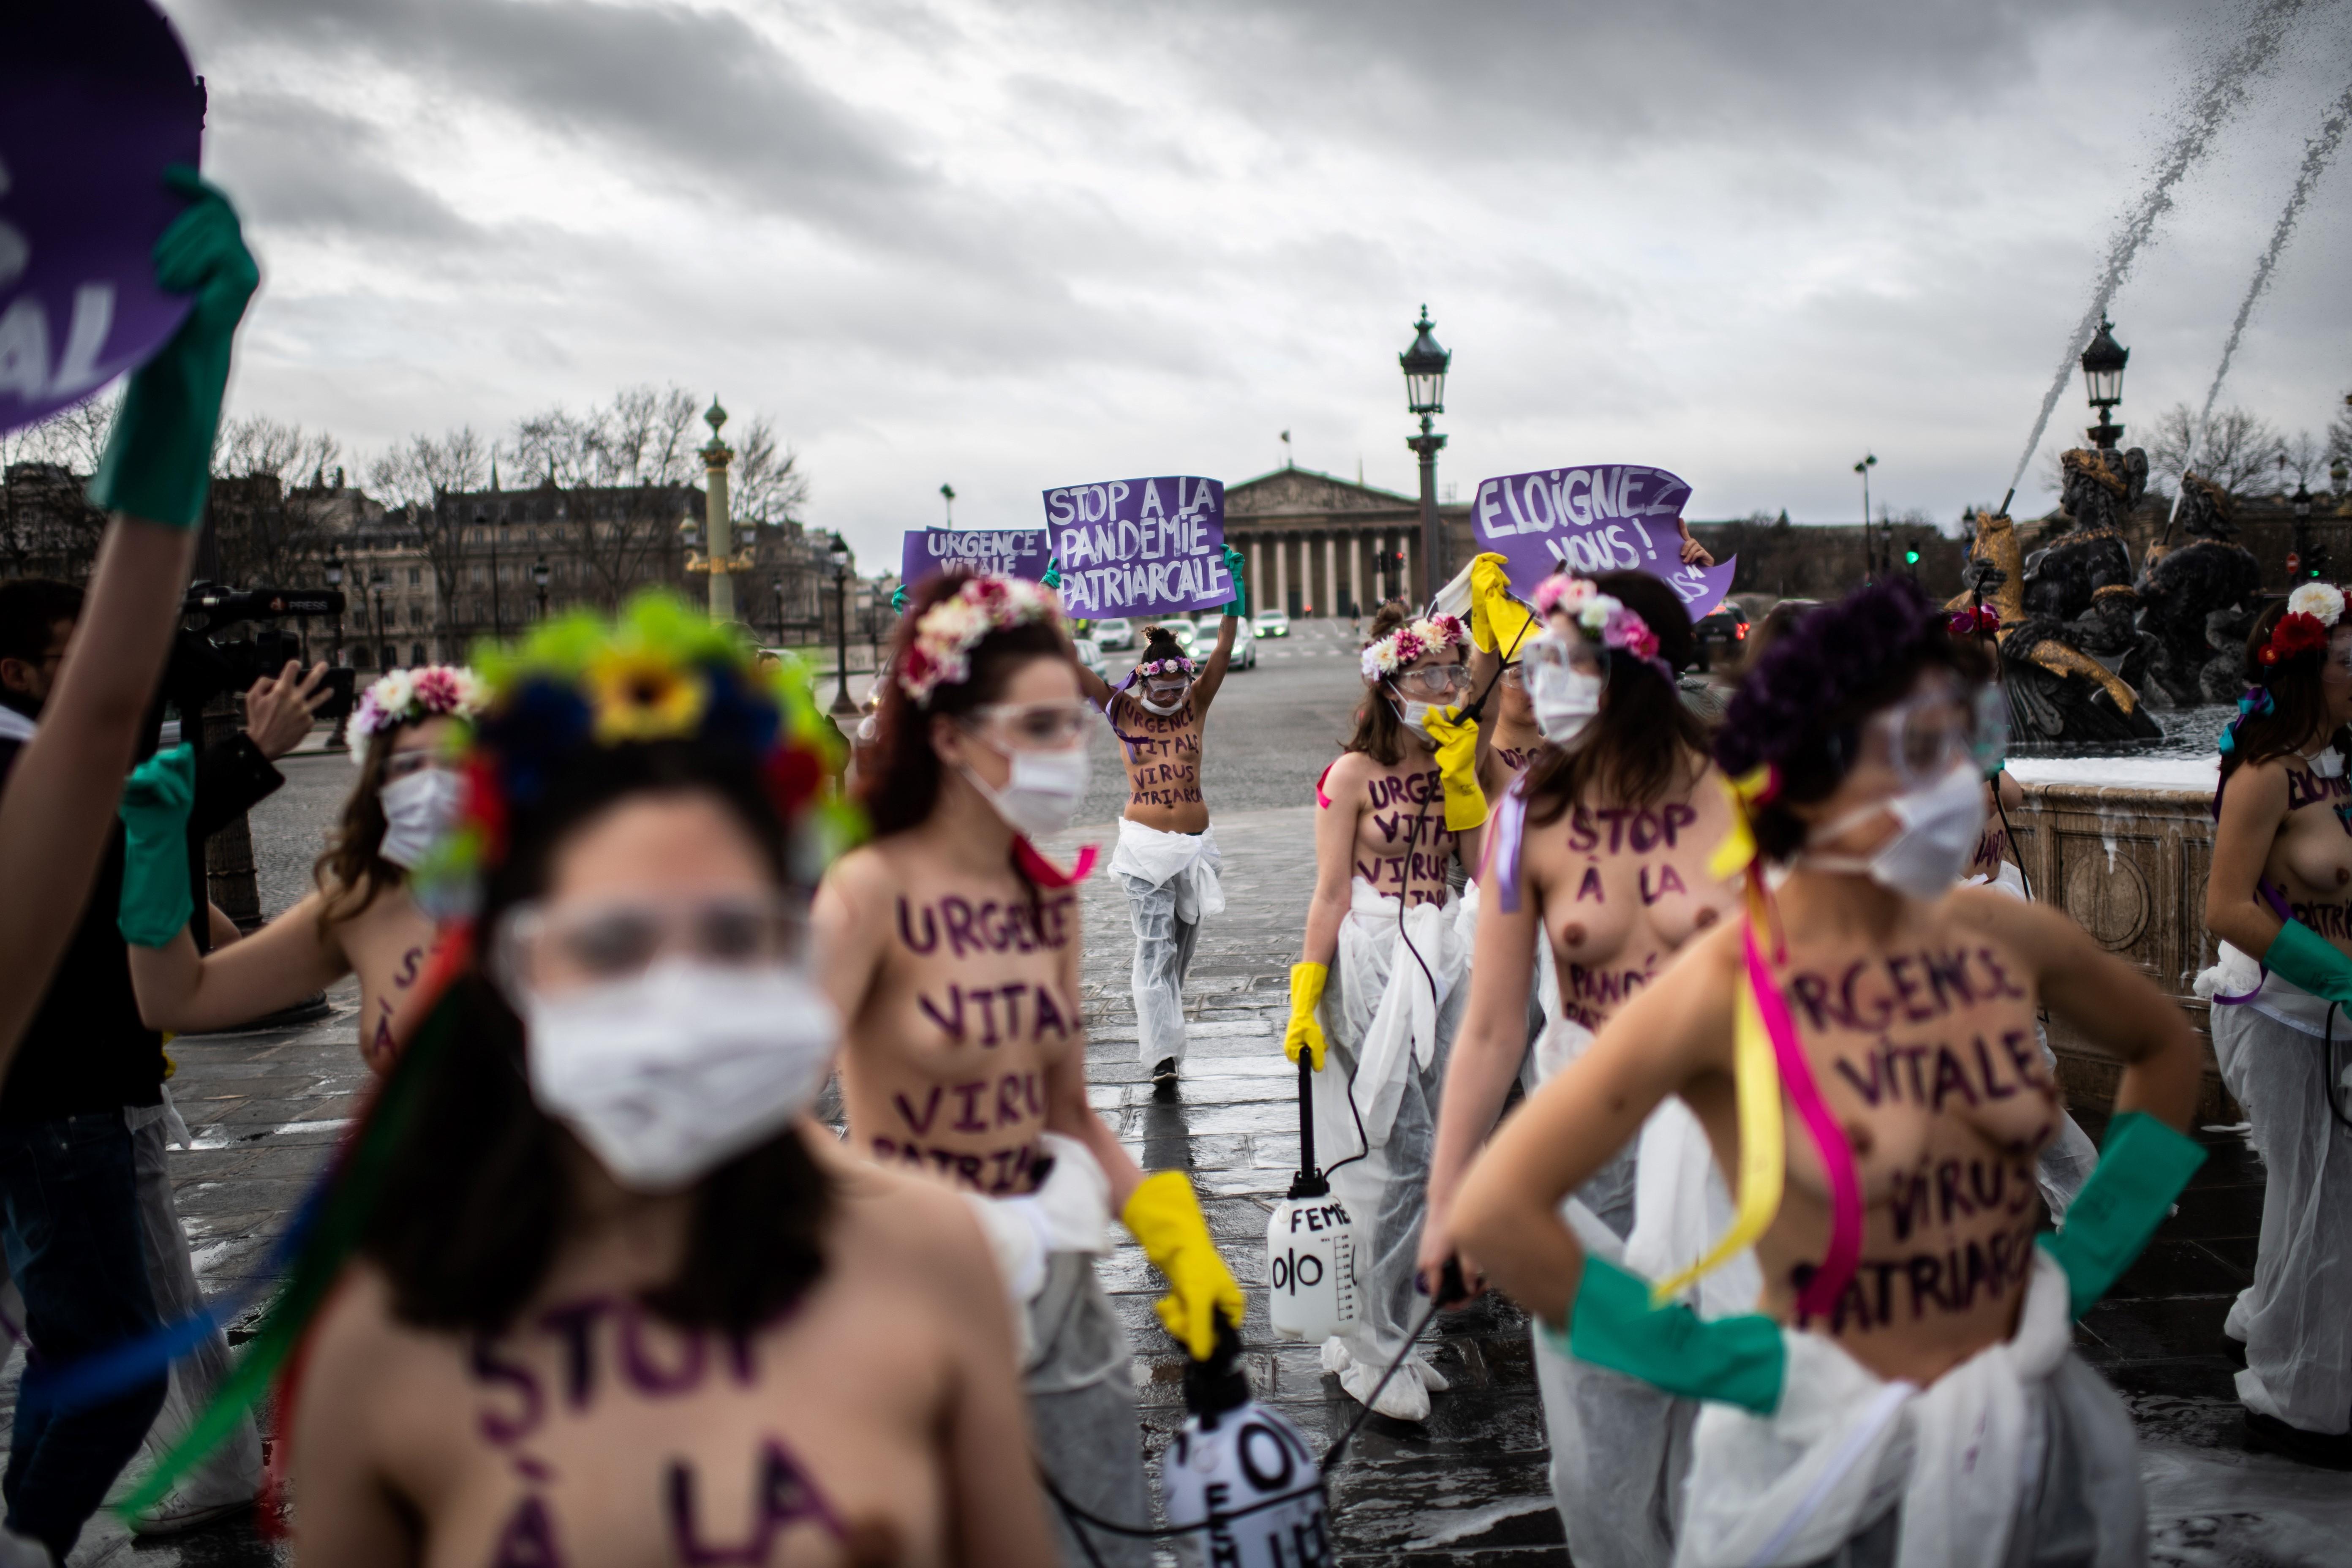 Activistas de Femen se manifiestan en la place de la Concorde en París, el 8 de marzo de 2020, para pedir la igualdad de género en el Día Internacional de la Mujer. (Foto por Martin BUREAU / AFP)